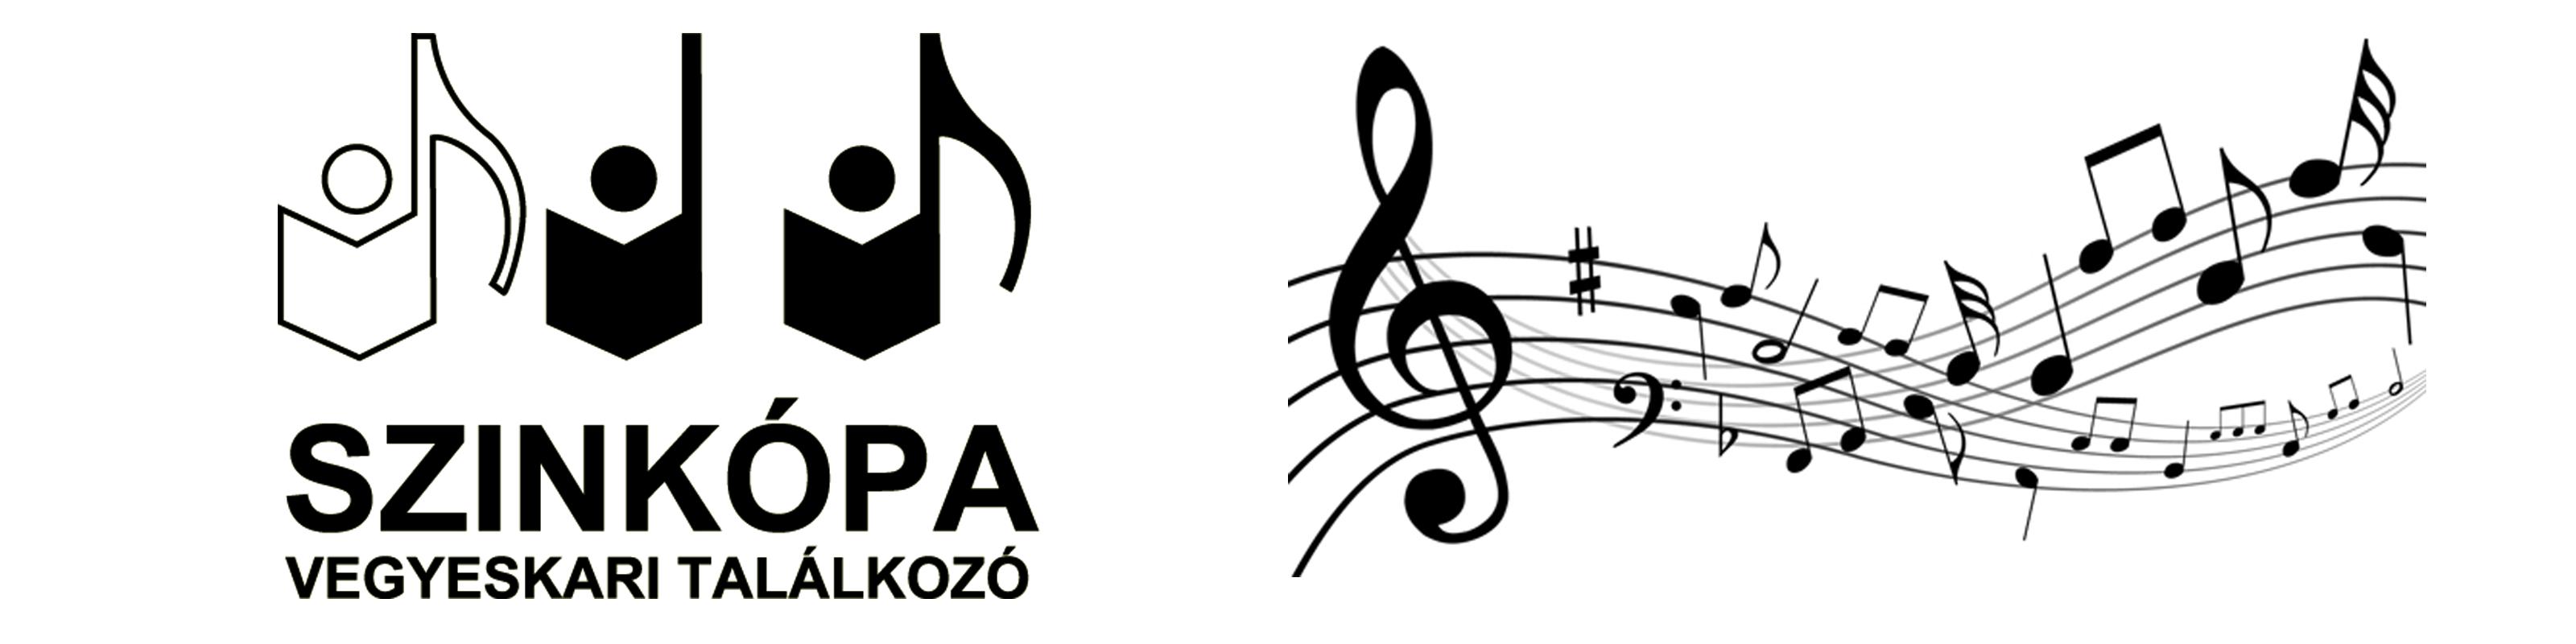 Szinkópa Vegyeskari Találkozó 2017